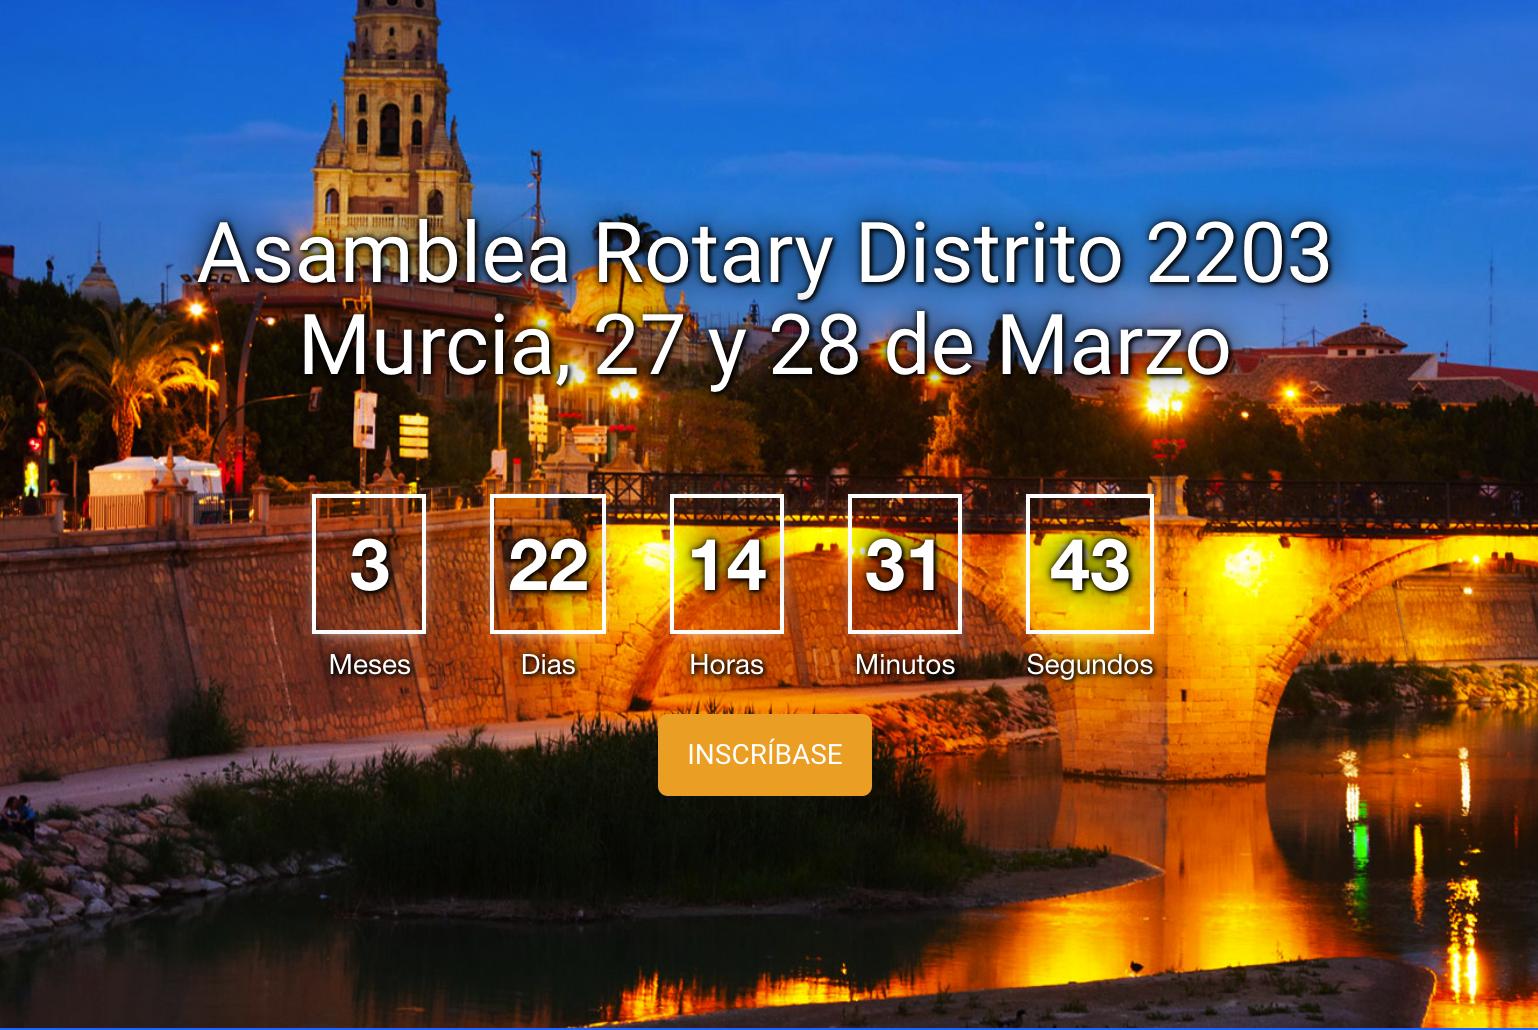 Inscripción Asamblea de Murcia de Ricardo Molina GGDE 2020-21